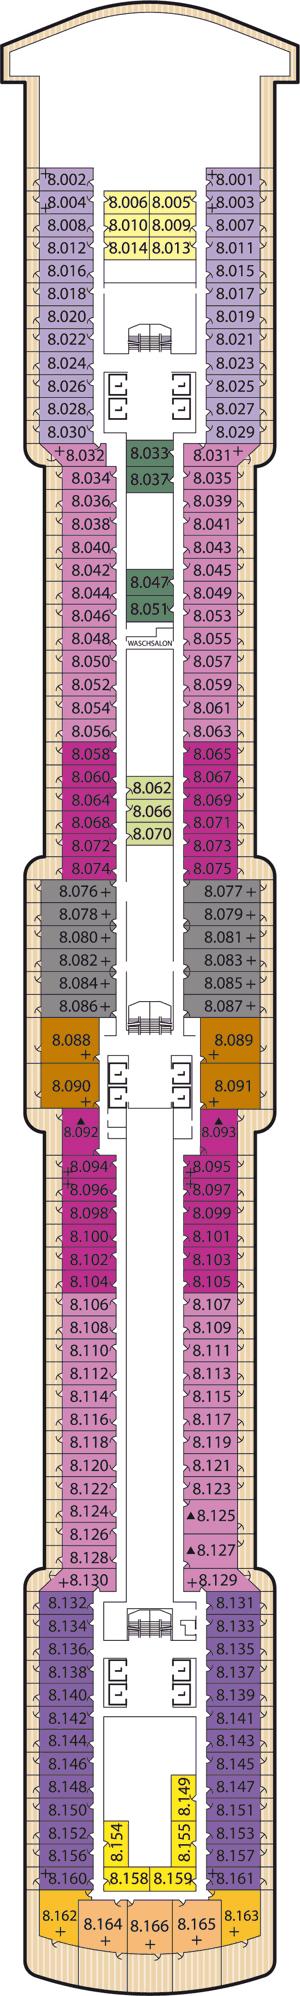 Queen Victoria - Deck 8